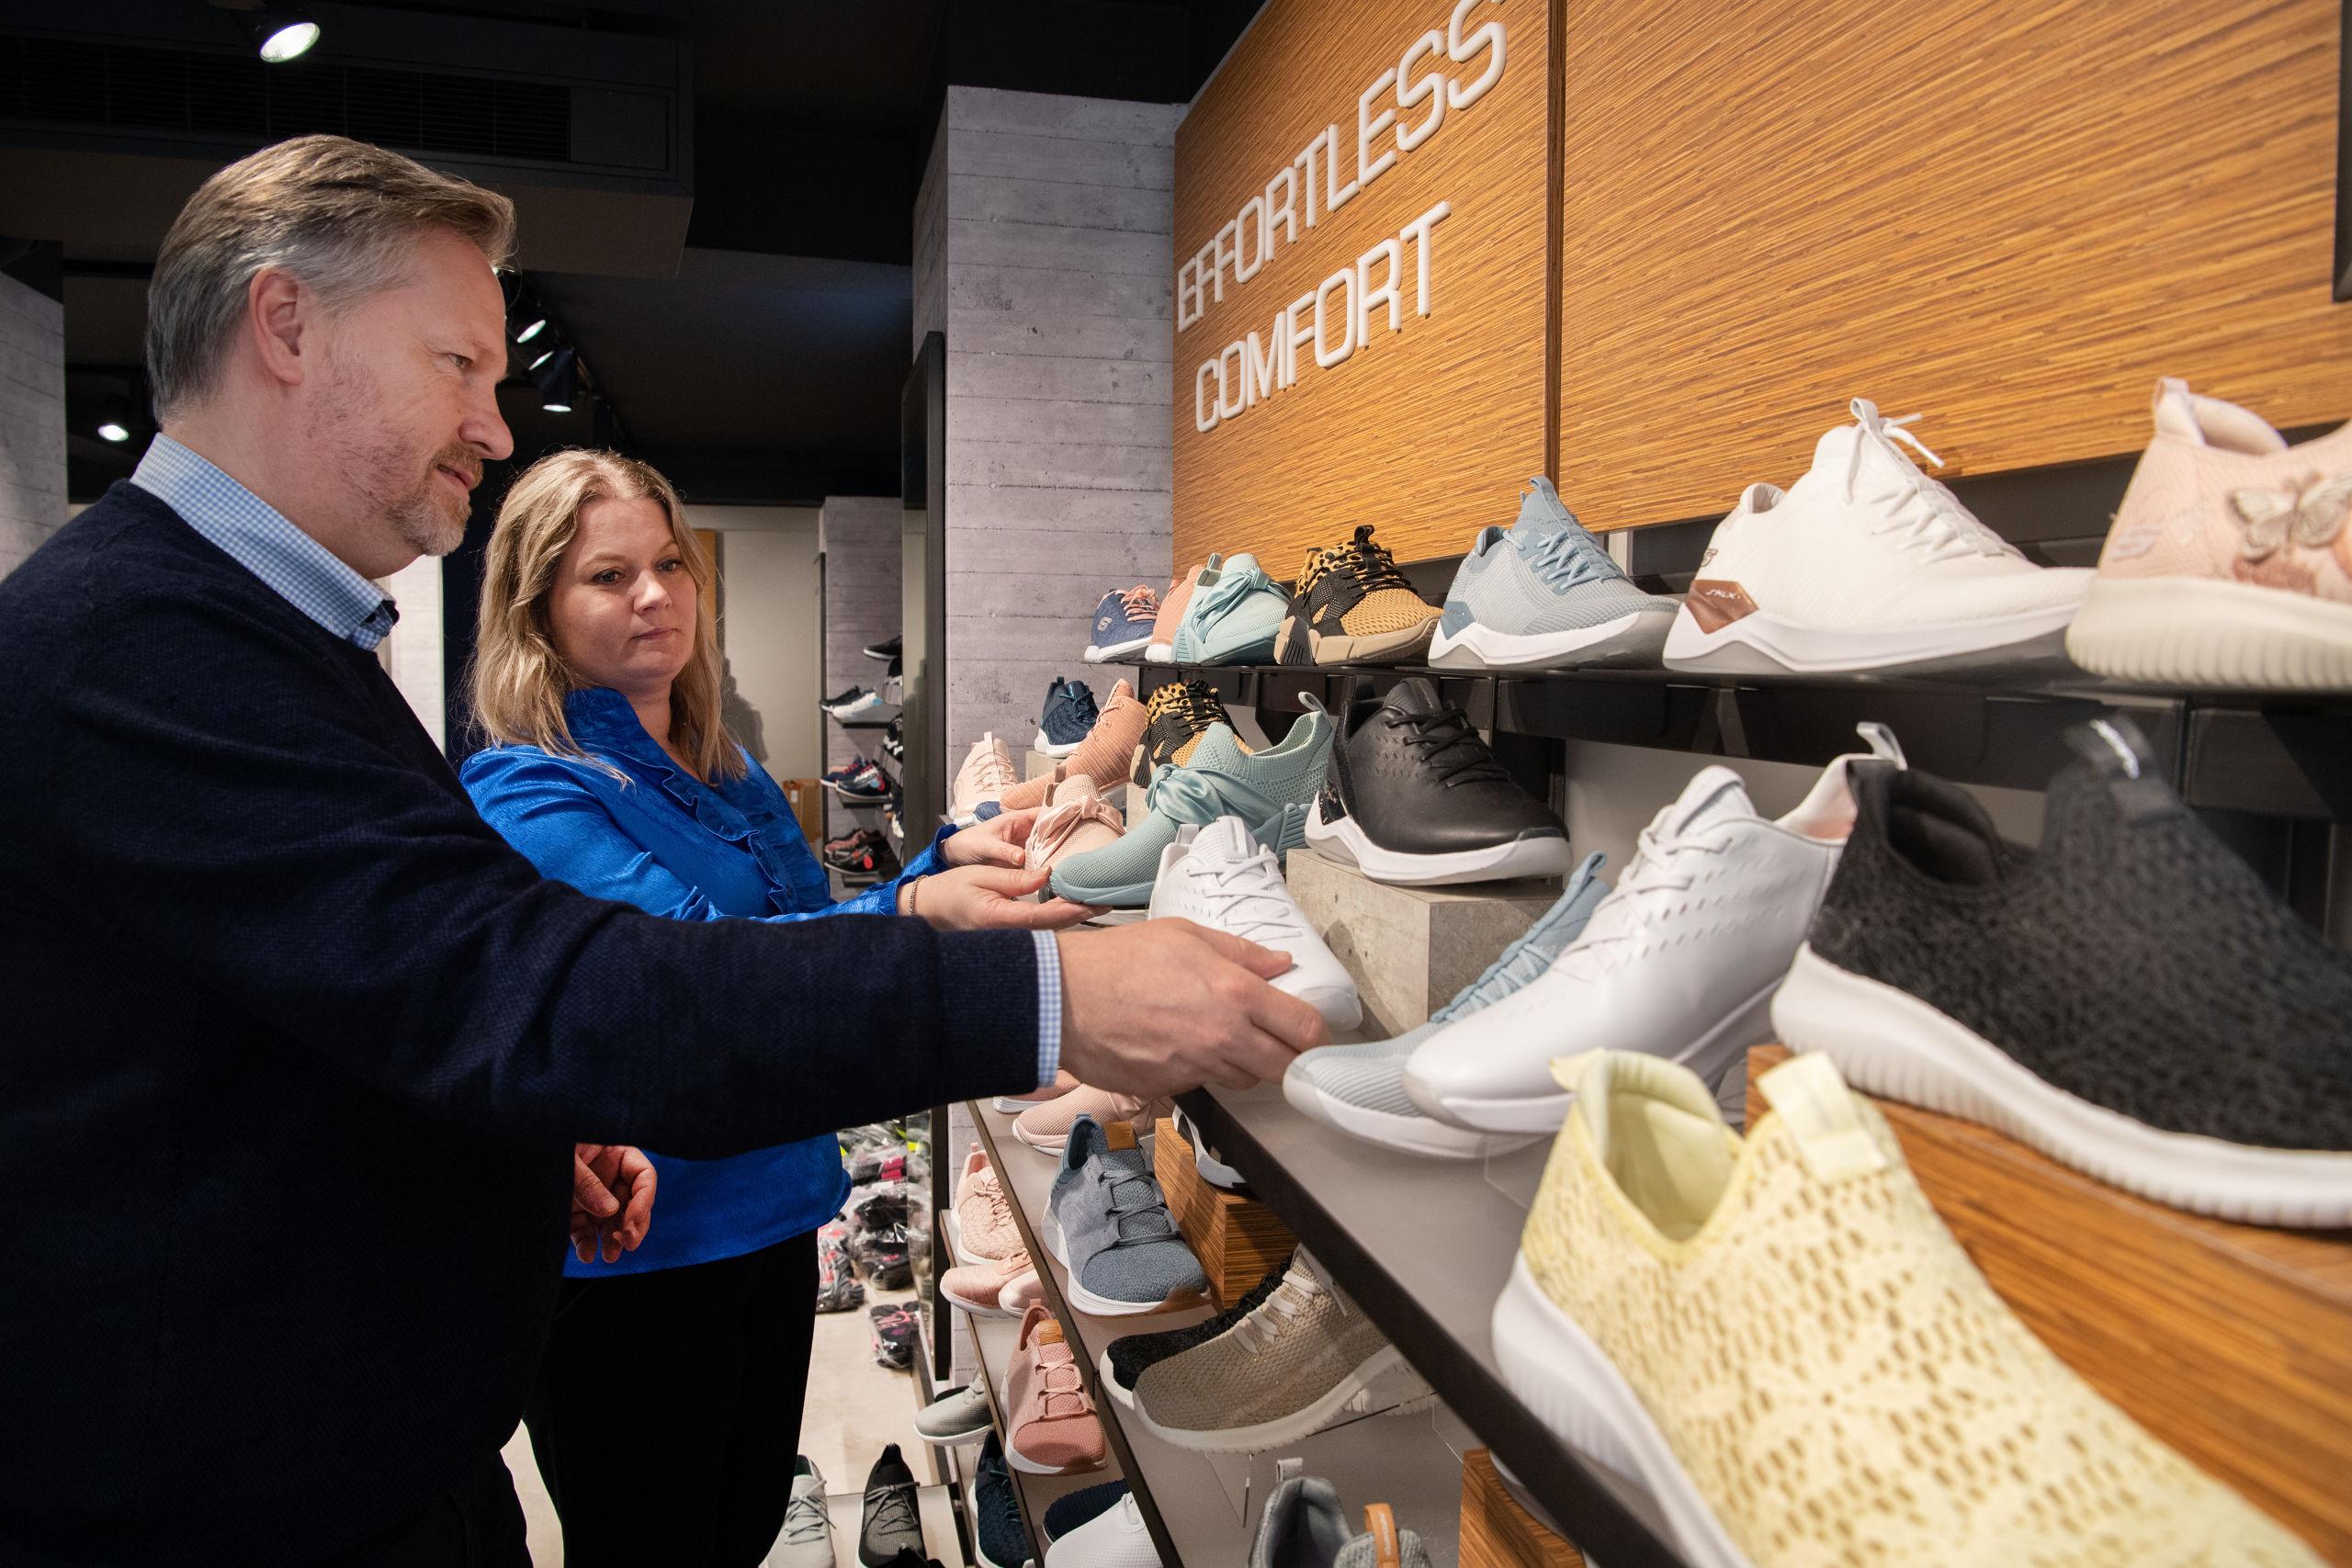 Nyt i Aalborg: Populært skobrand får sin egen butik